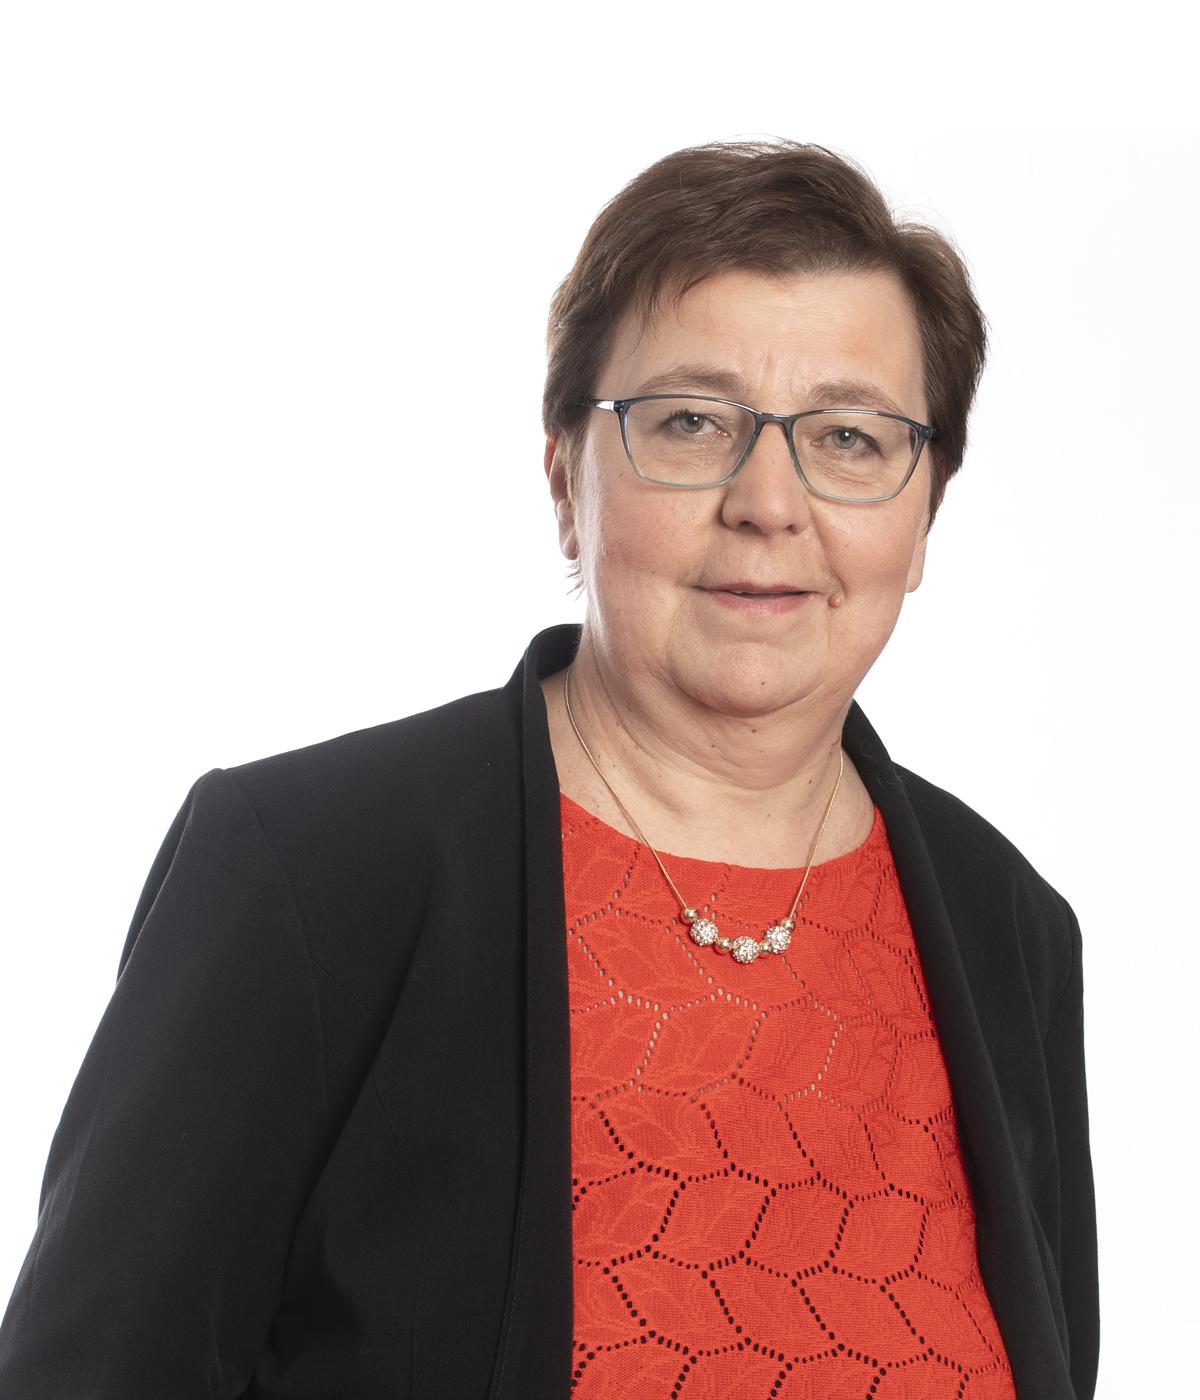 Christiane Bert